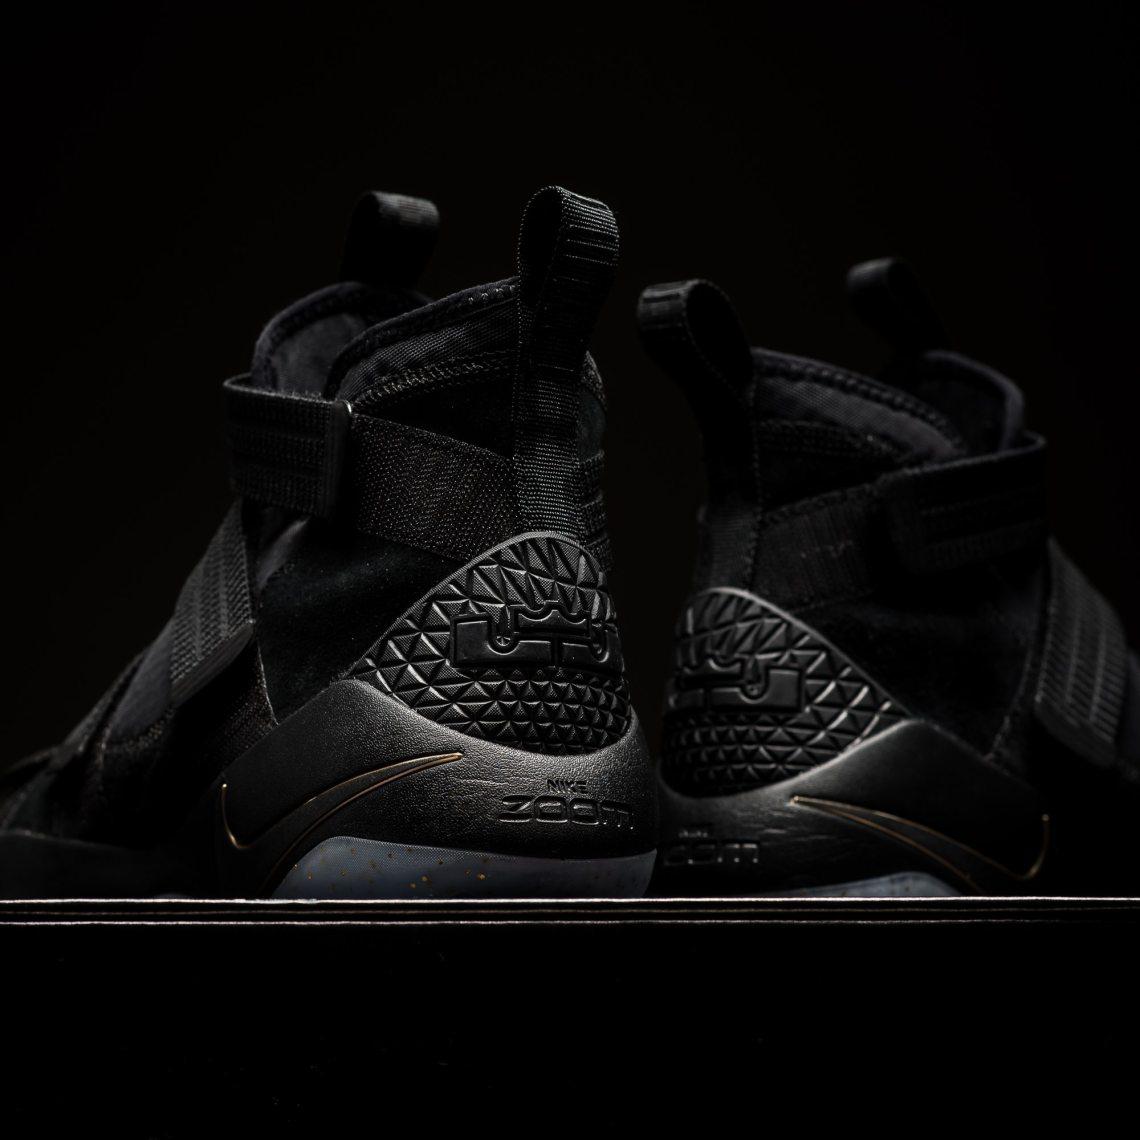 Nike LeBron Soldier 11 SFG Black/Metallic Gold